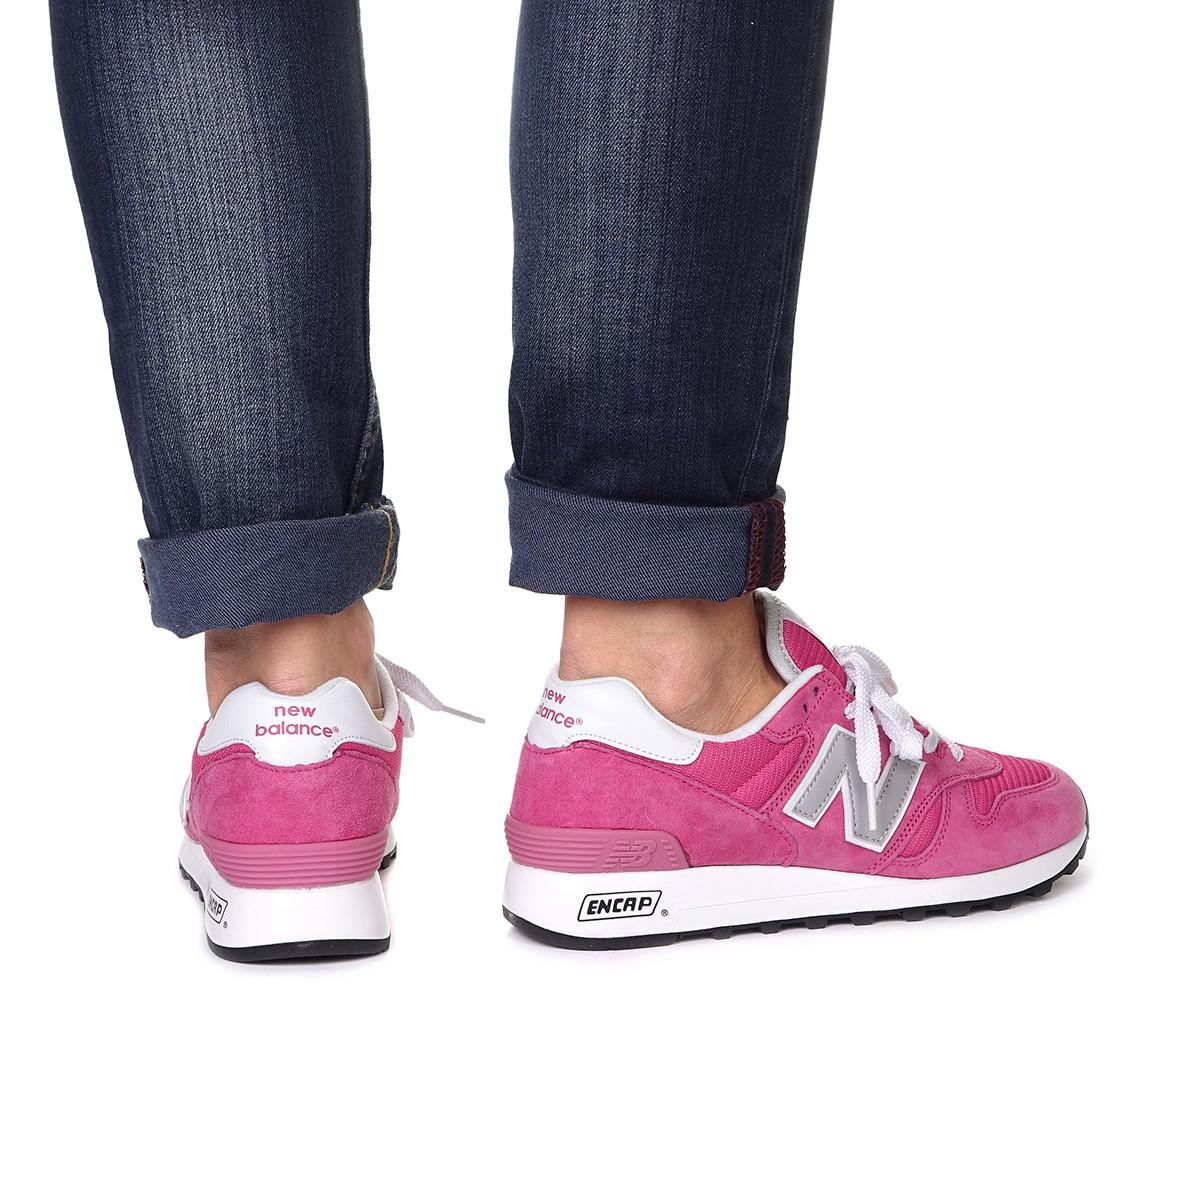 женские кроссовки new balance 1300 « Интернет-Аутлет женской обуви ... 9fded146251